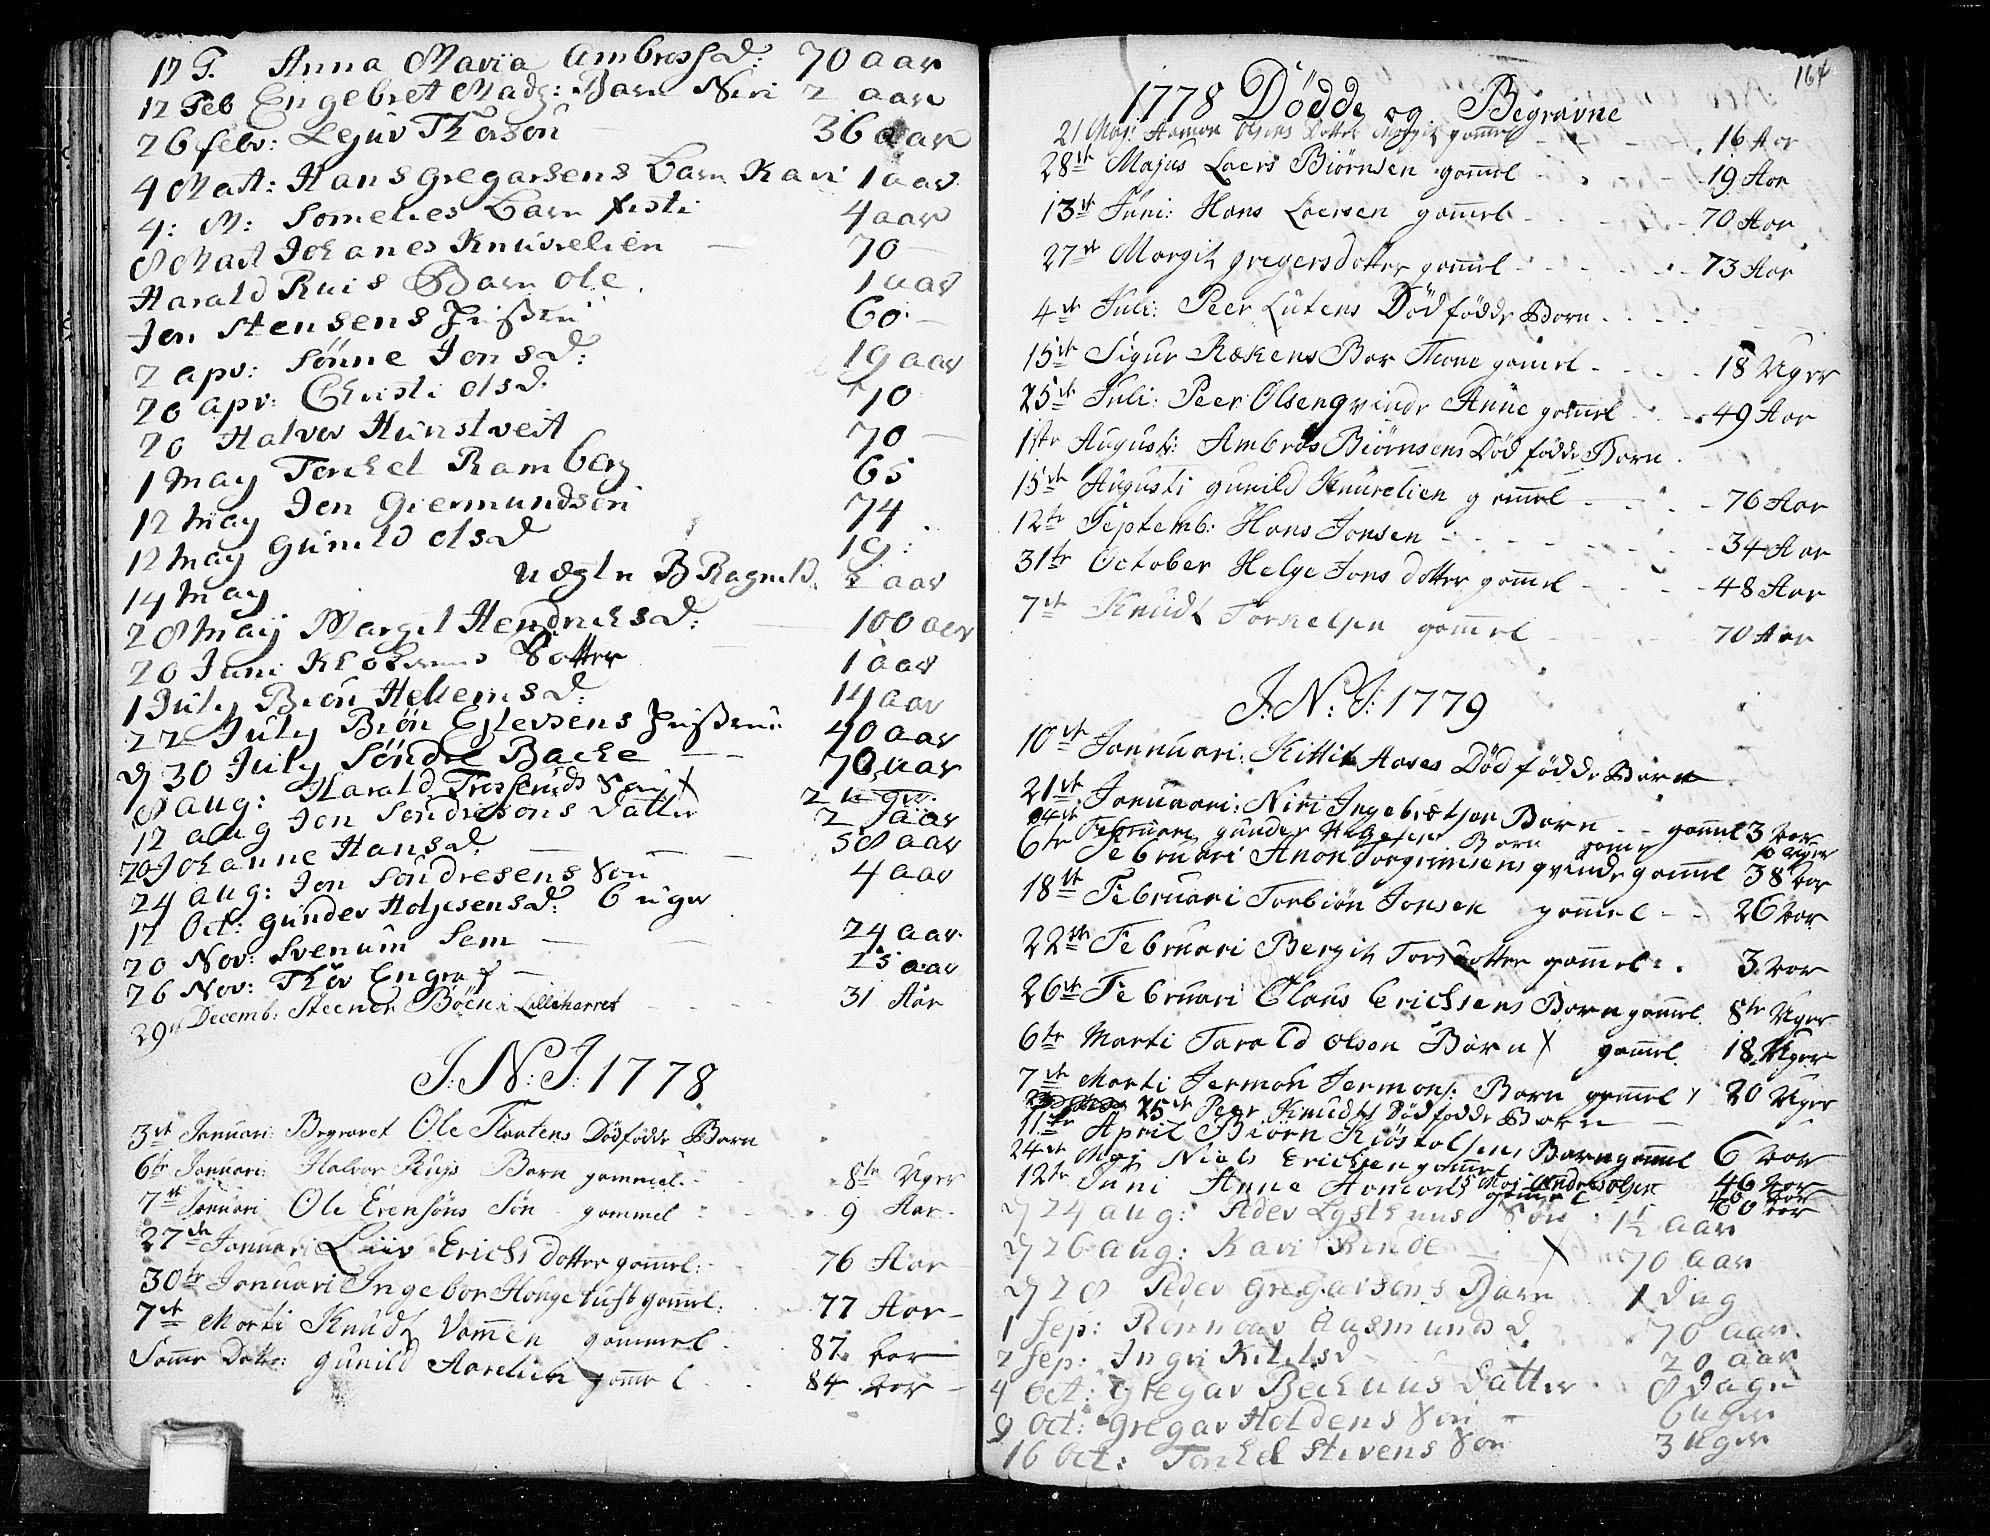 SAKO, Heddal kirkebøker, F/Fa/L0003: Ministerialbok nr. I 3, 1723-1783, s. 164